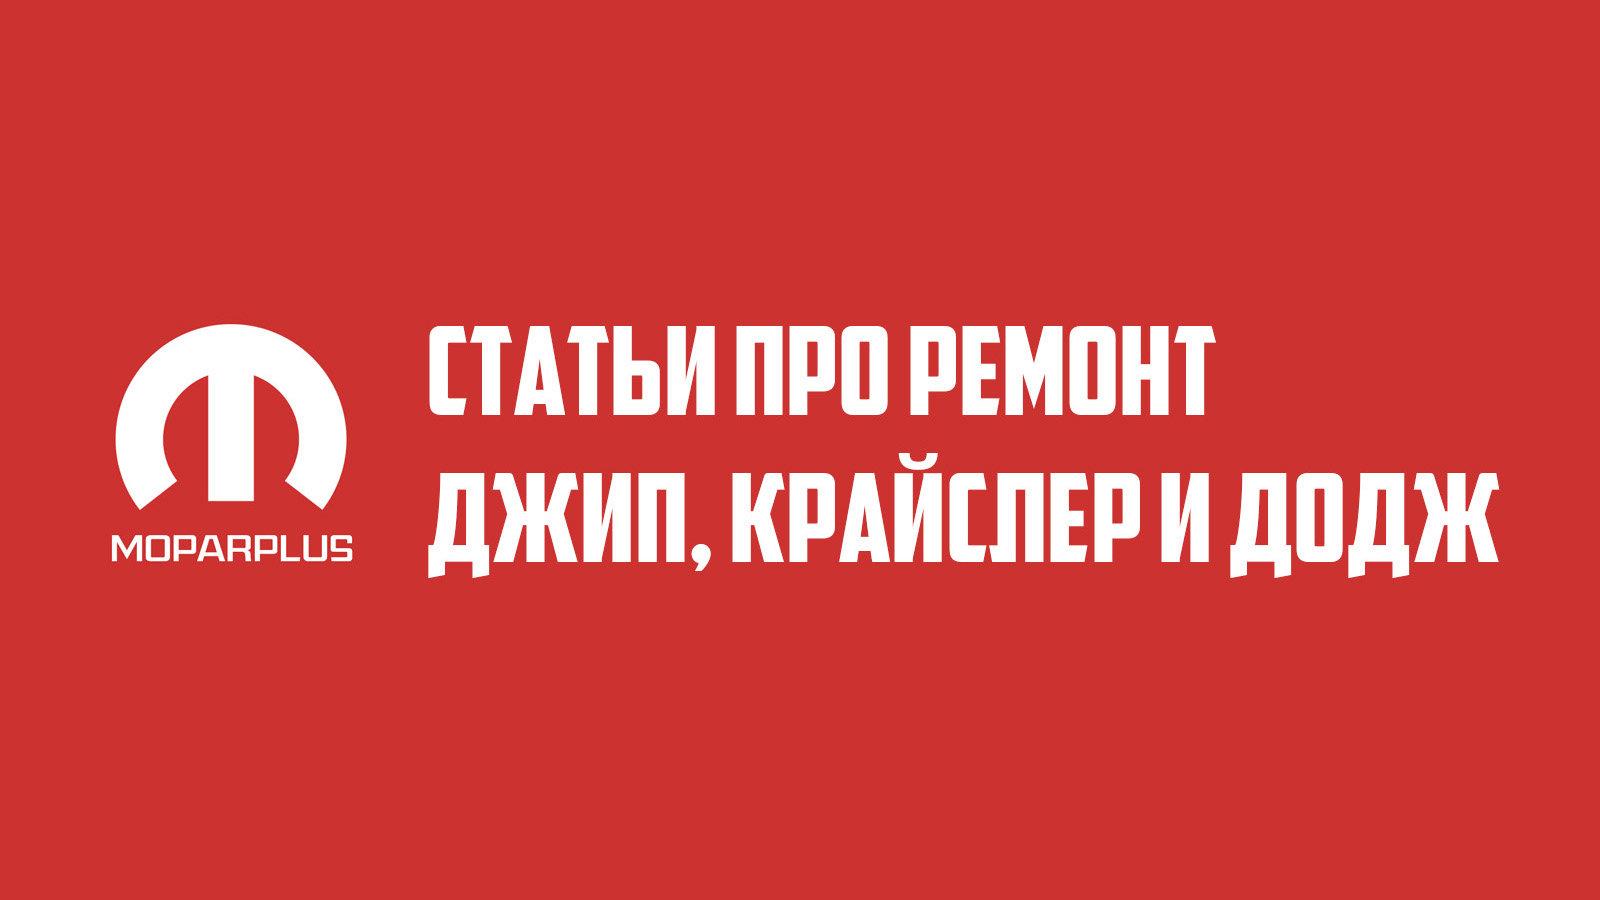 Статьи про ремонт. Выпуск №64.